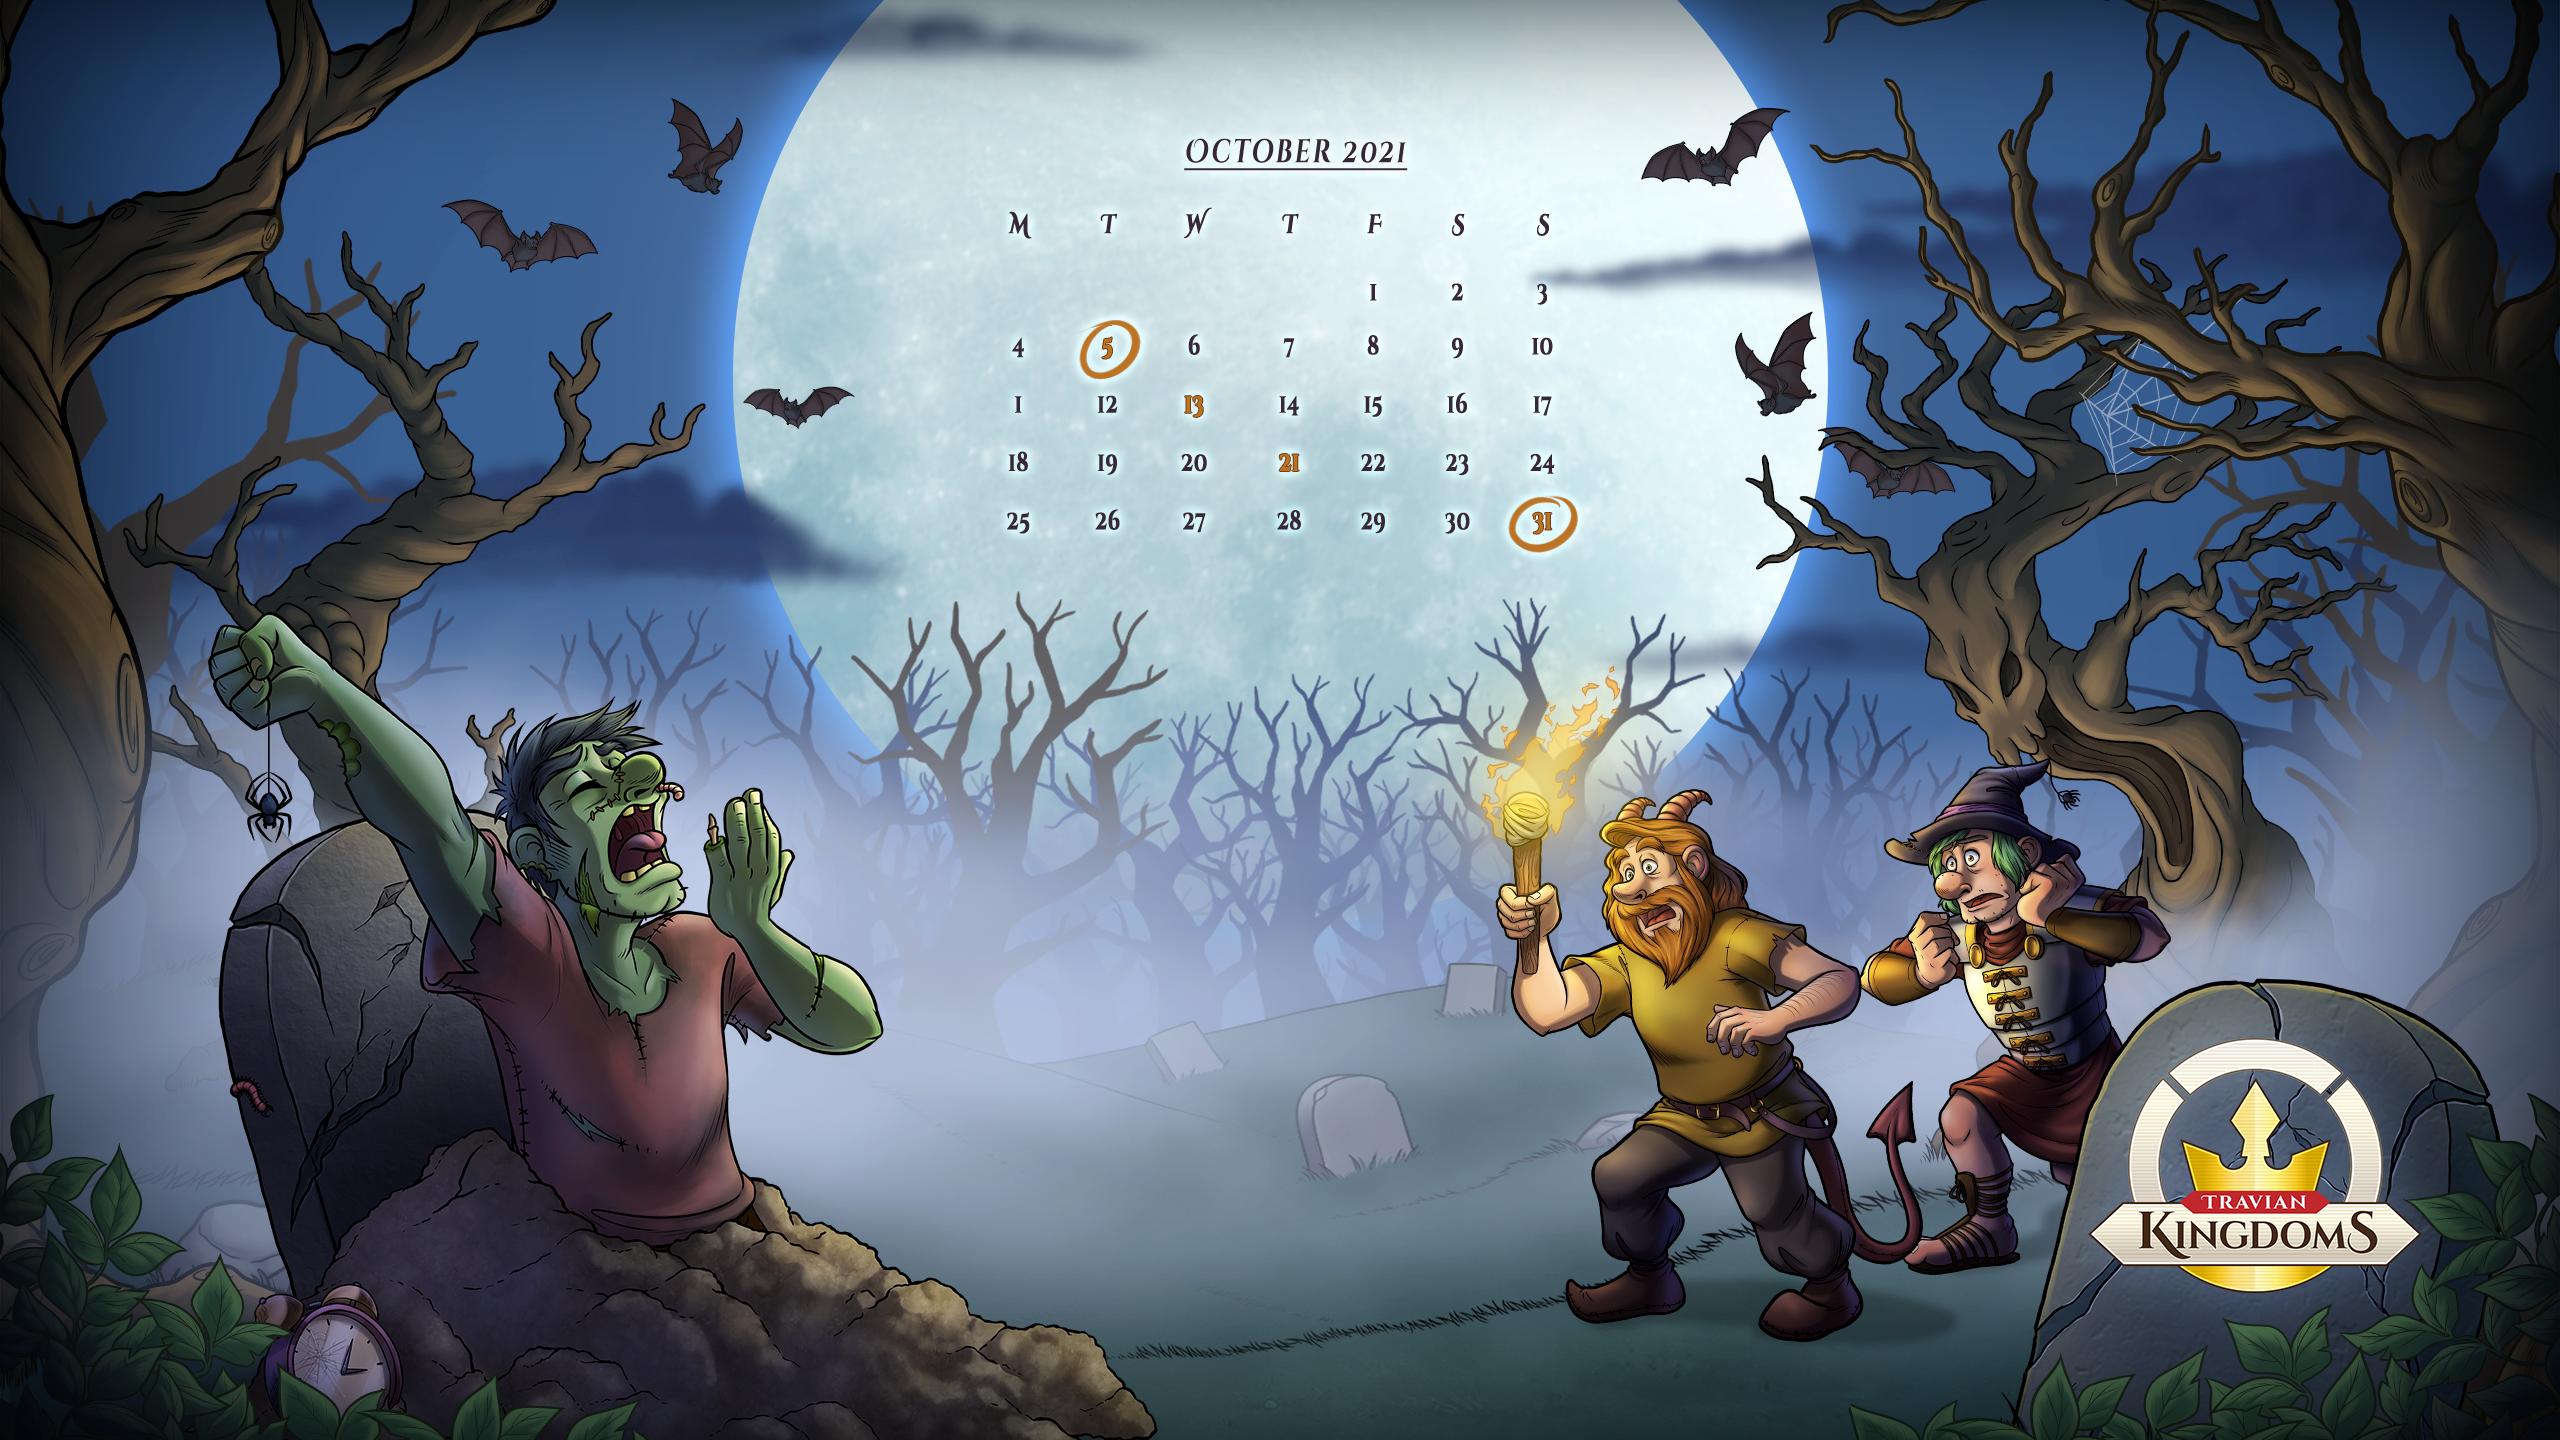 Halloween Hunt 2021 desktop background with Oct calendar